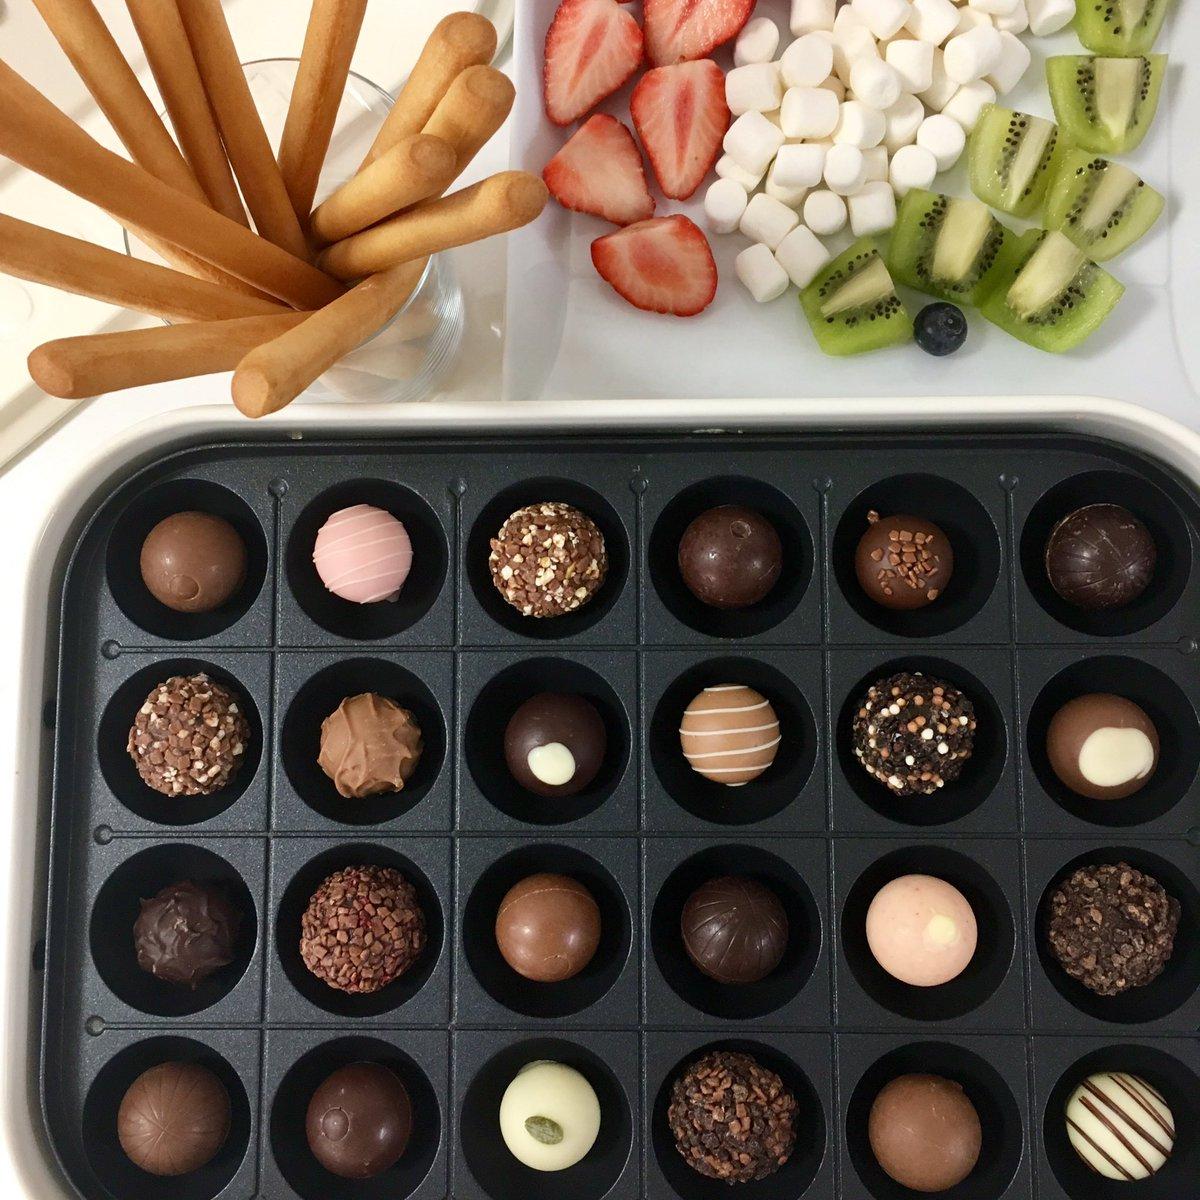 5メーカーのチョコレート使用www タコ焼き機のセレブすぎる使い方がコチラwww